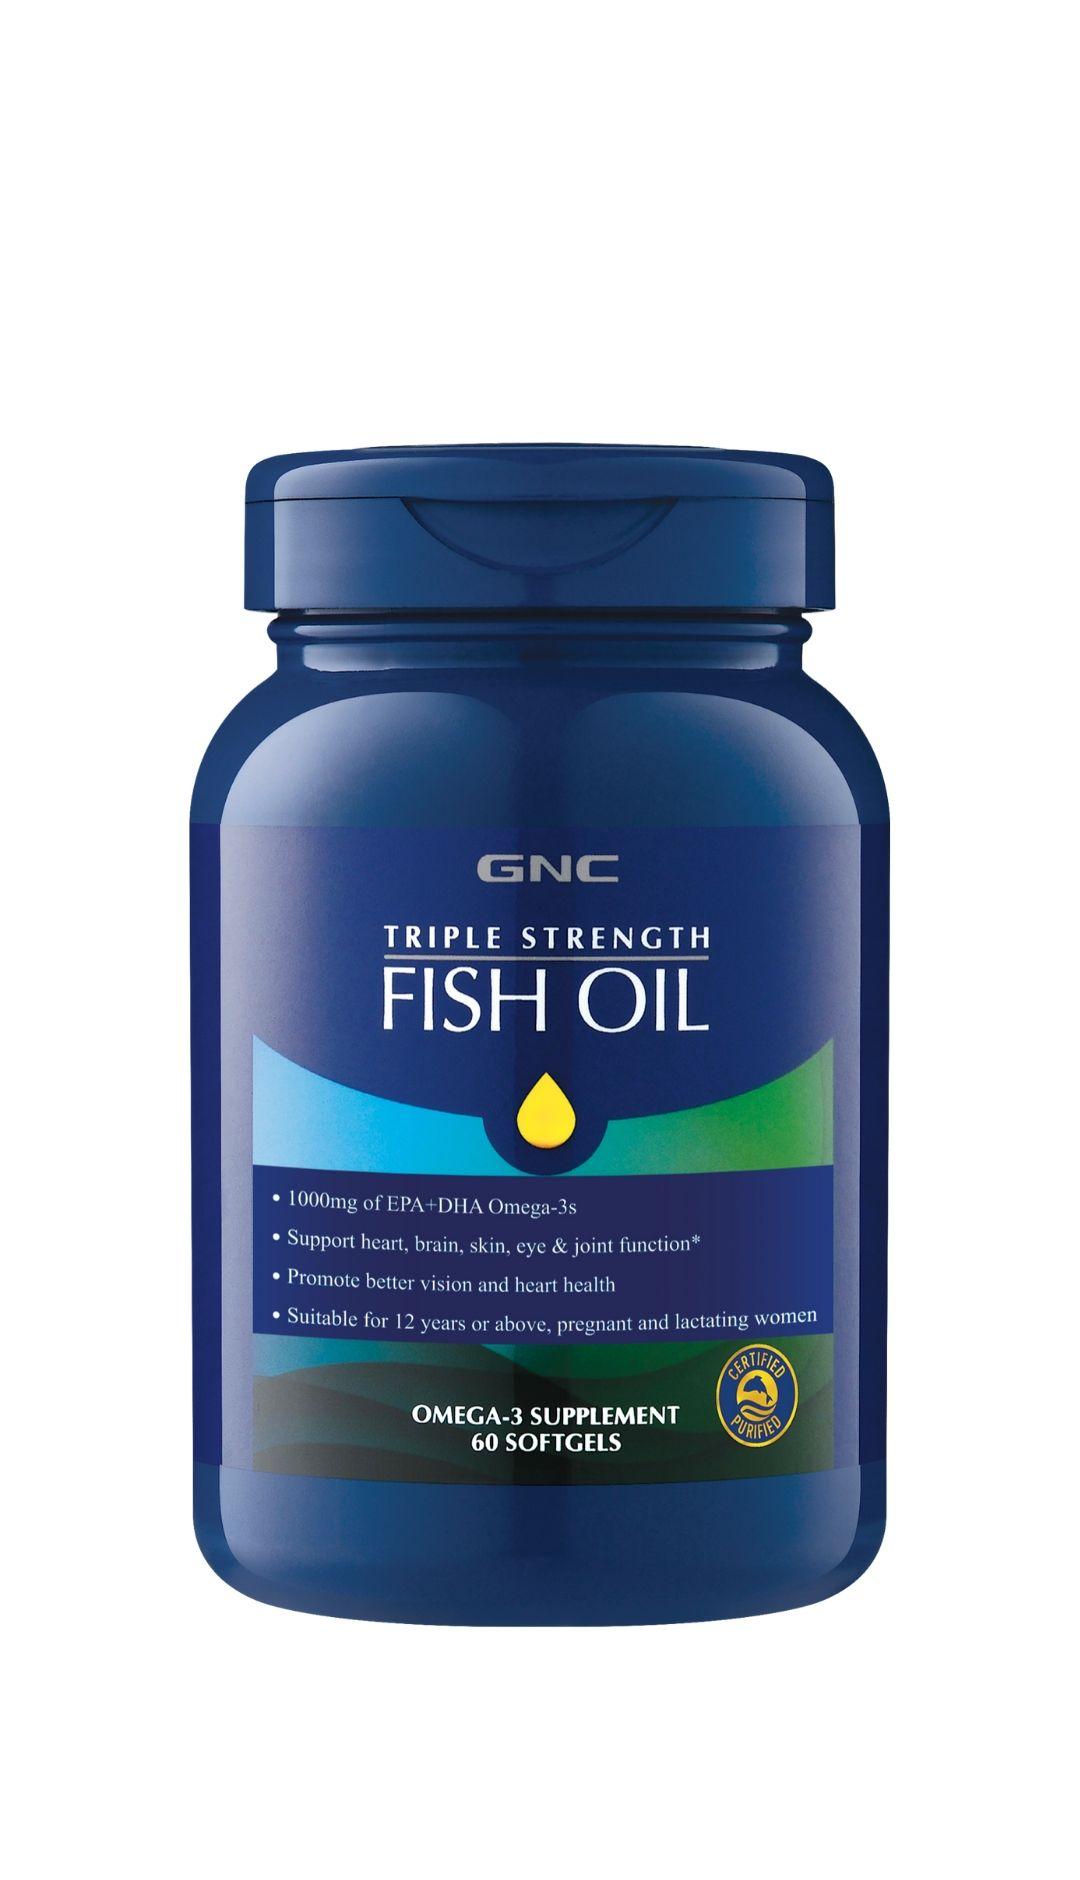 3倍超級魚油 (60粒膠囊裝)